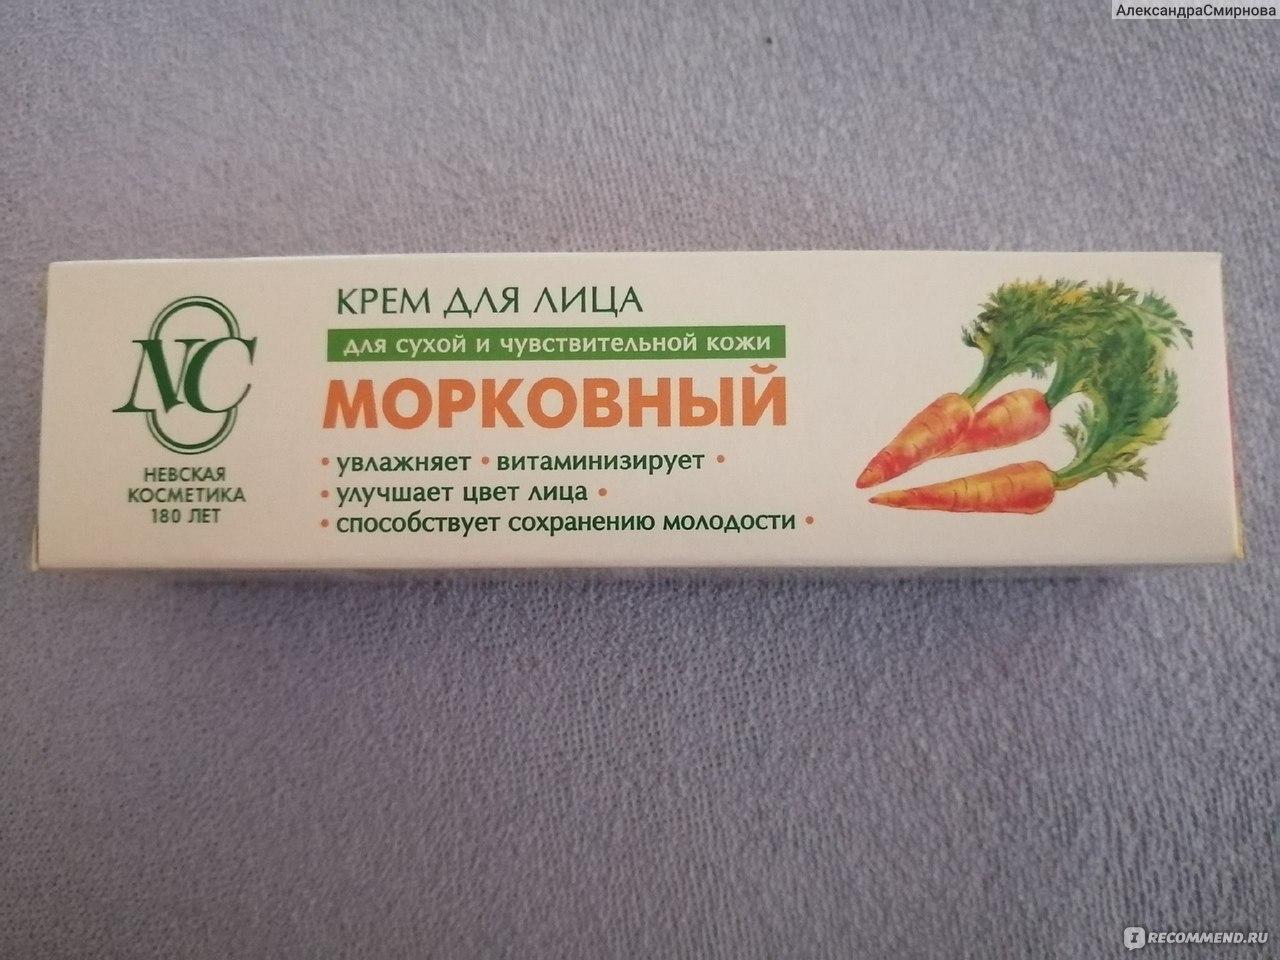 Невская косметика в самаре купить куплю косметику мак в ростове